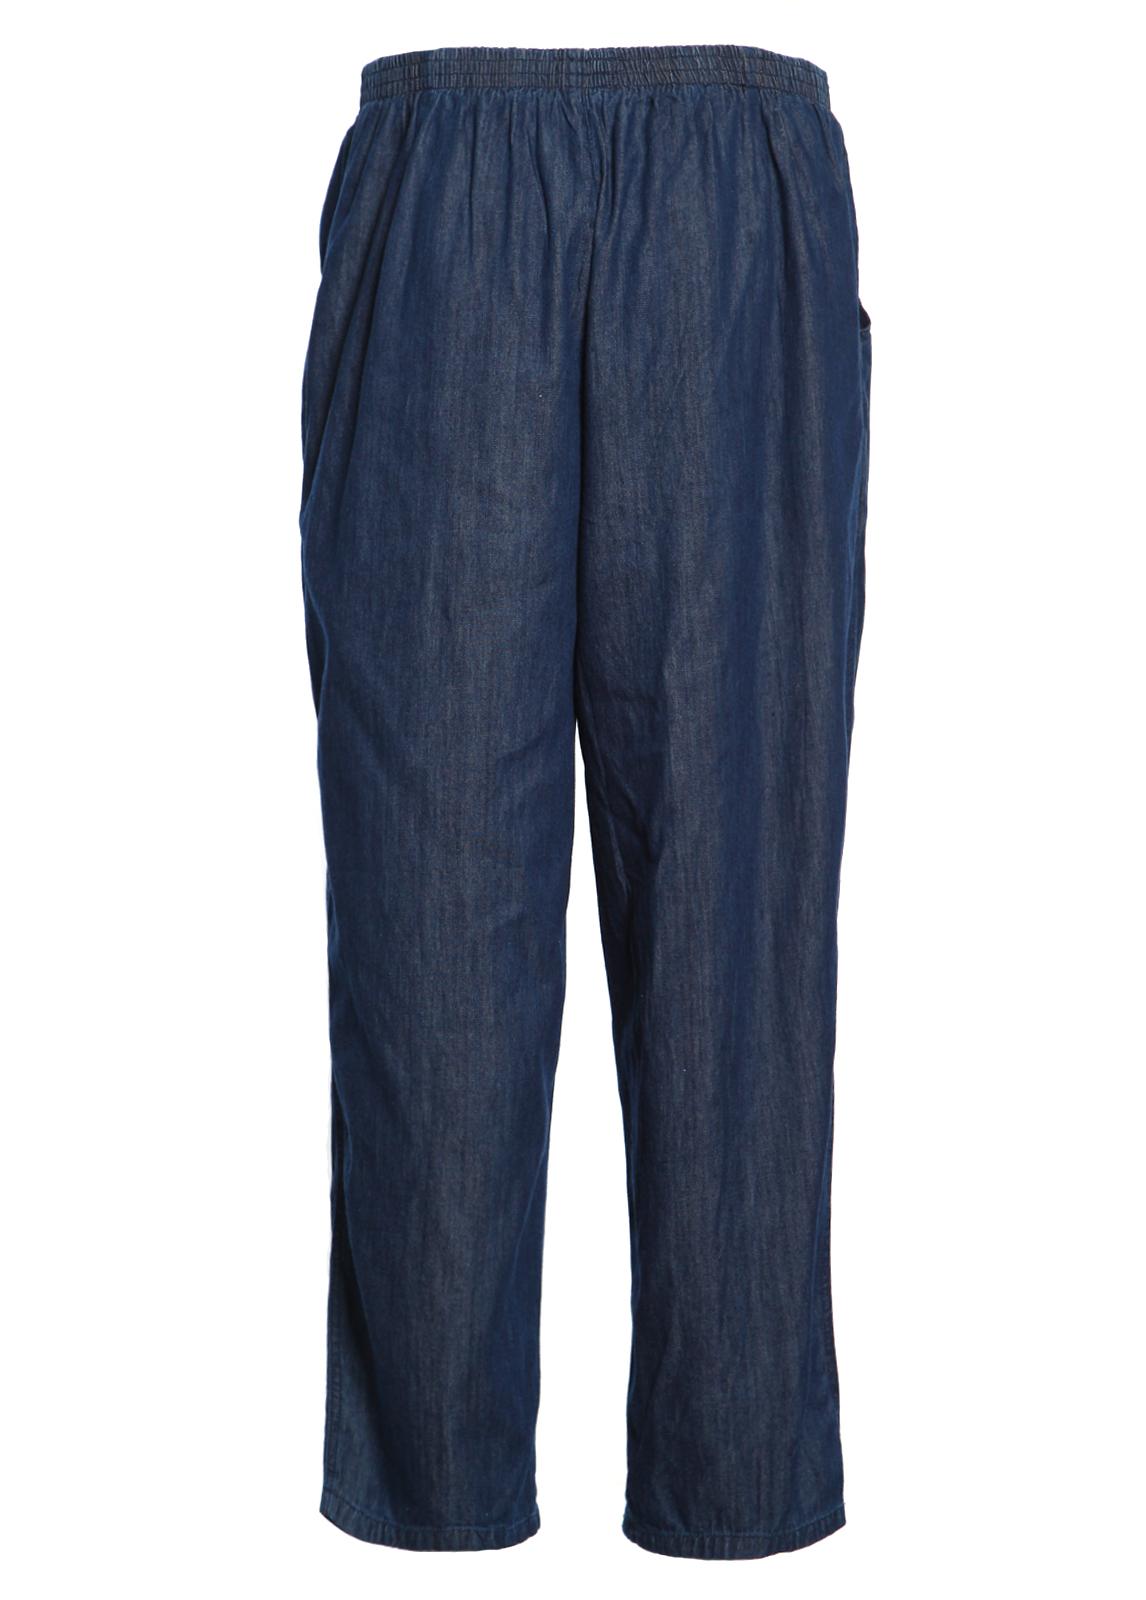 Koret Women Elastic Waist Relax Denim Relax Jeans Pull On ... - photo#40